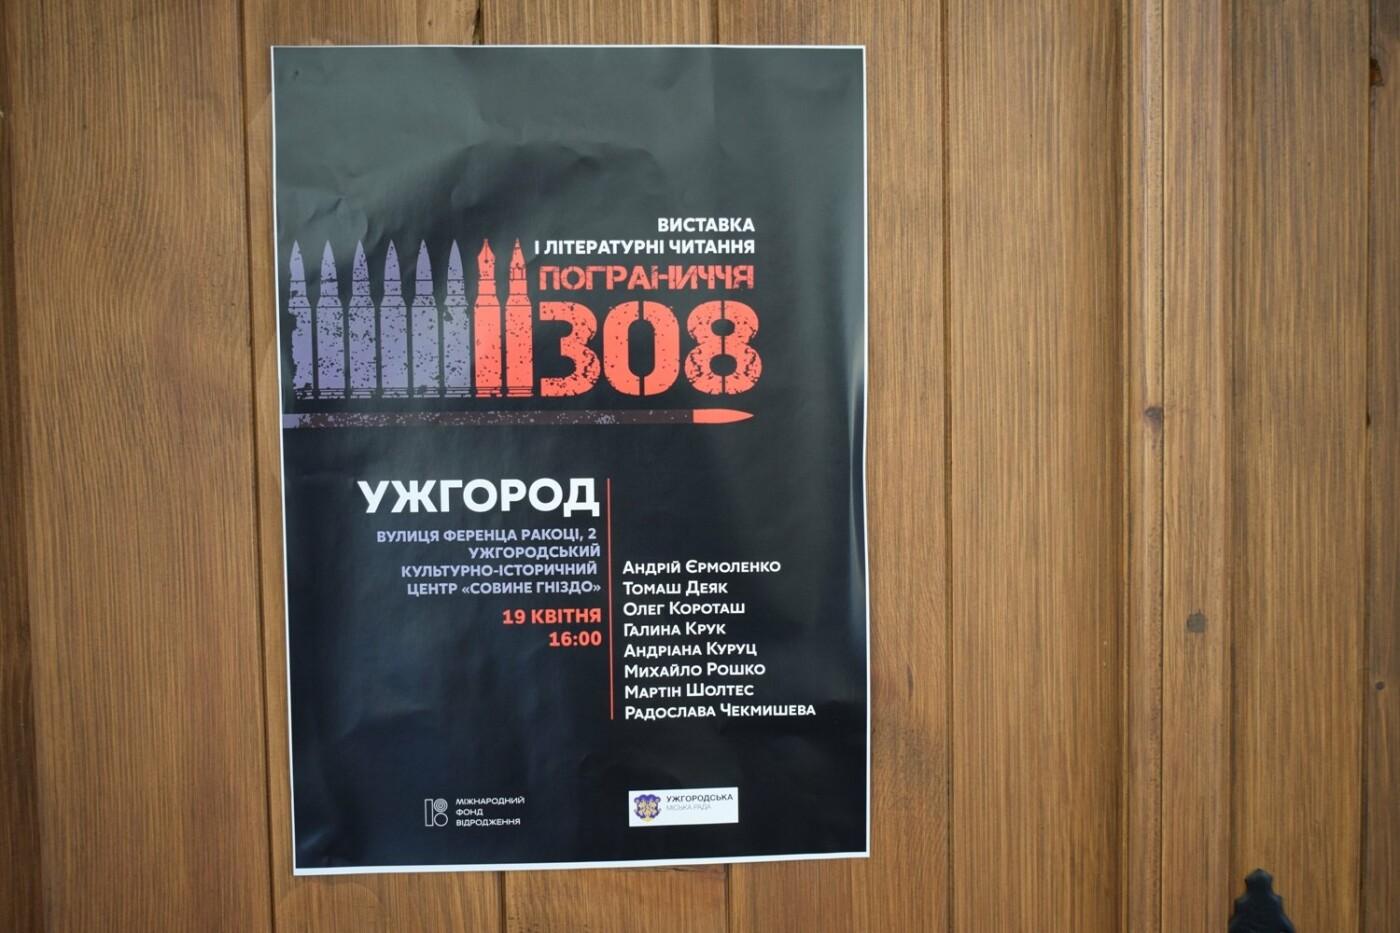 В Ужгороді представили проект «Пограниччя.308» (ФОТО), фото-8